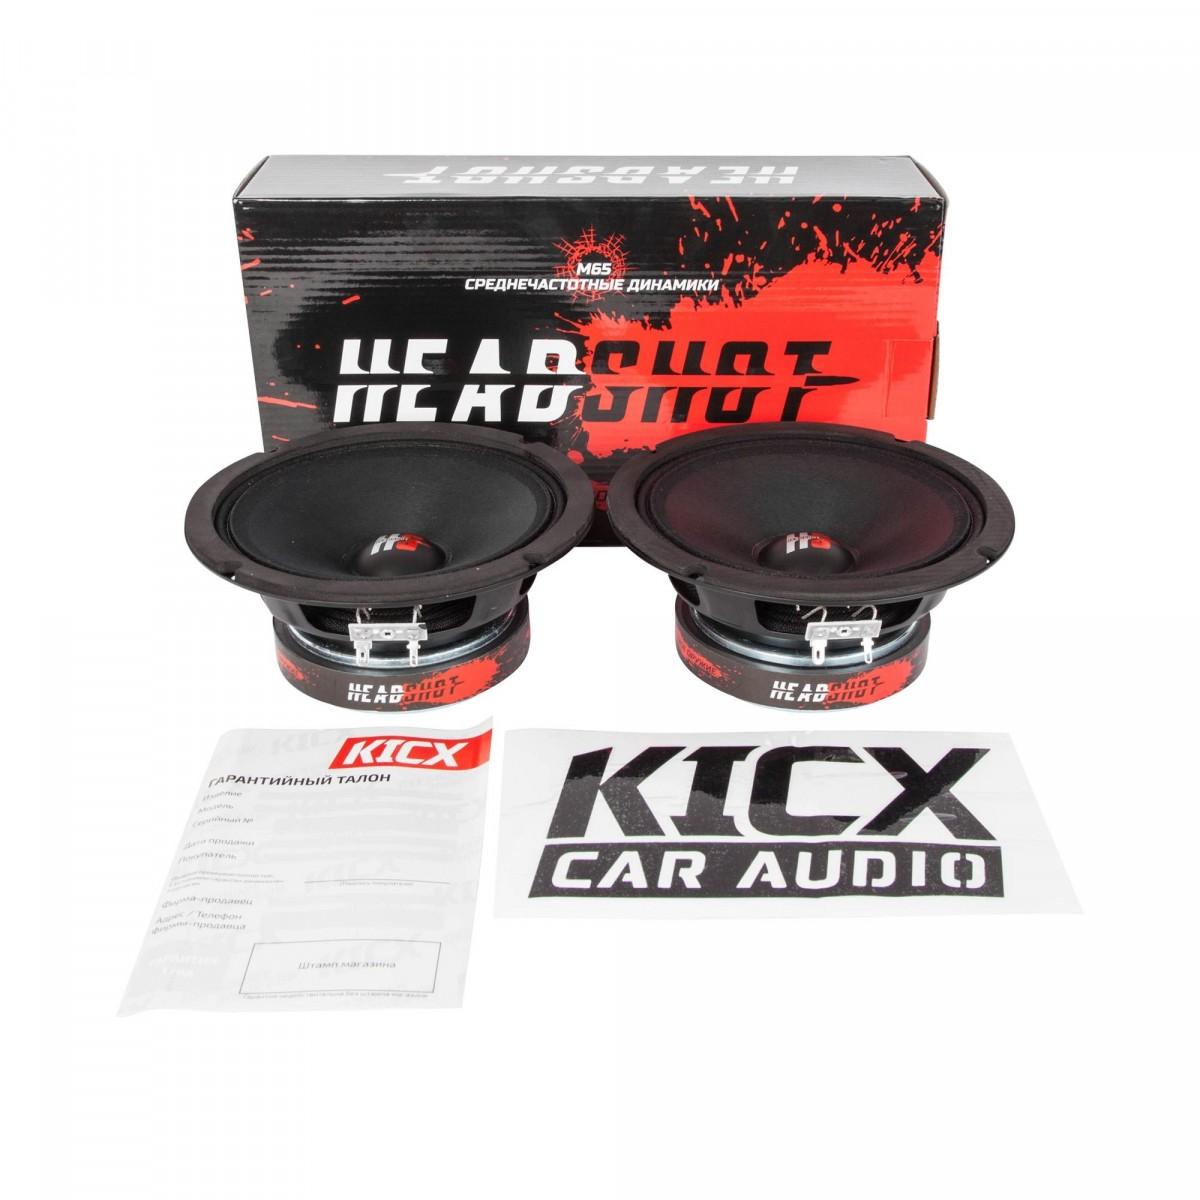 Среднечастотные динамики Kicx HeadShot M65